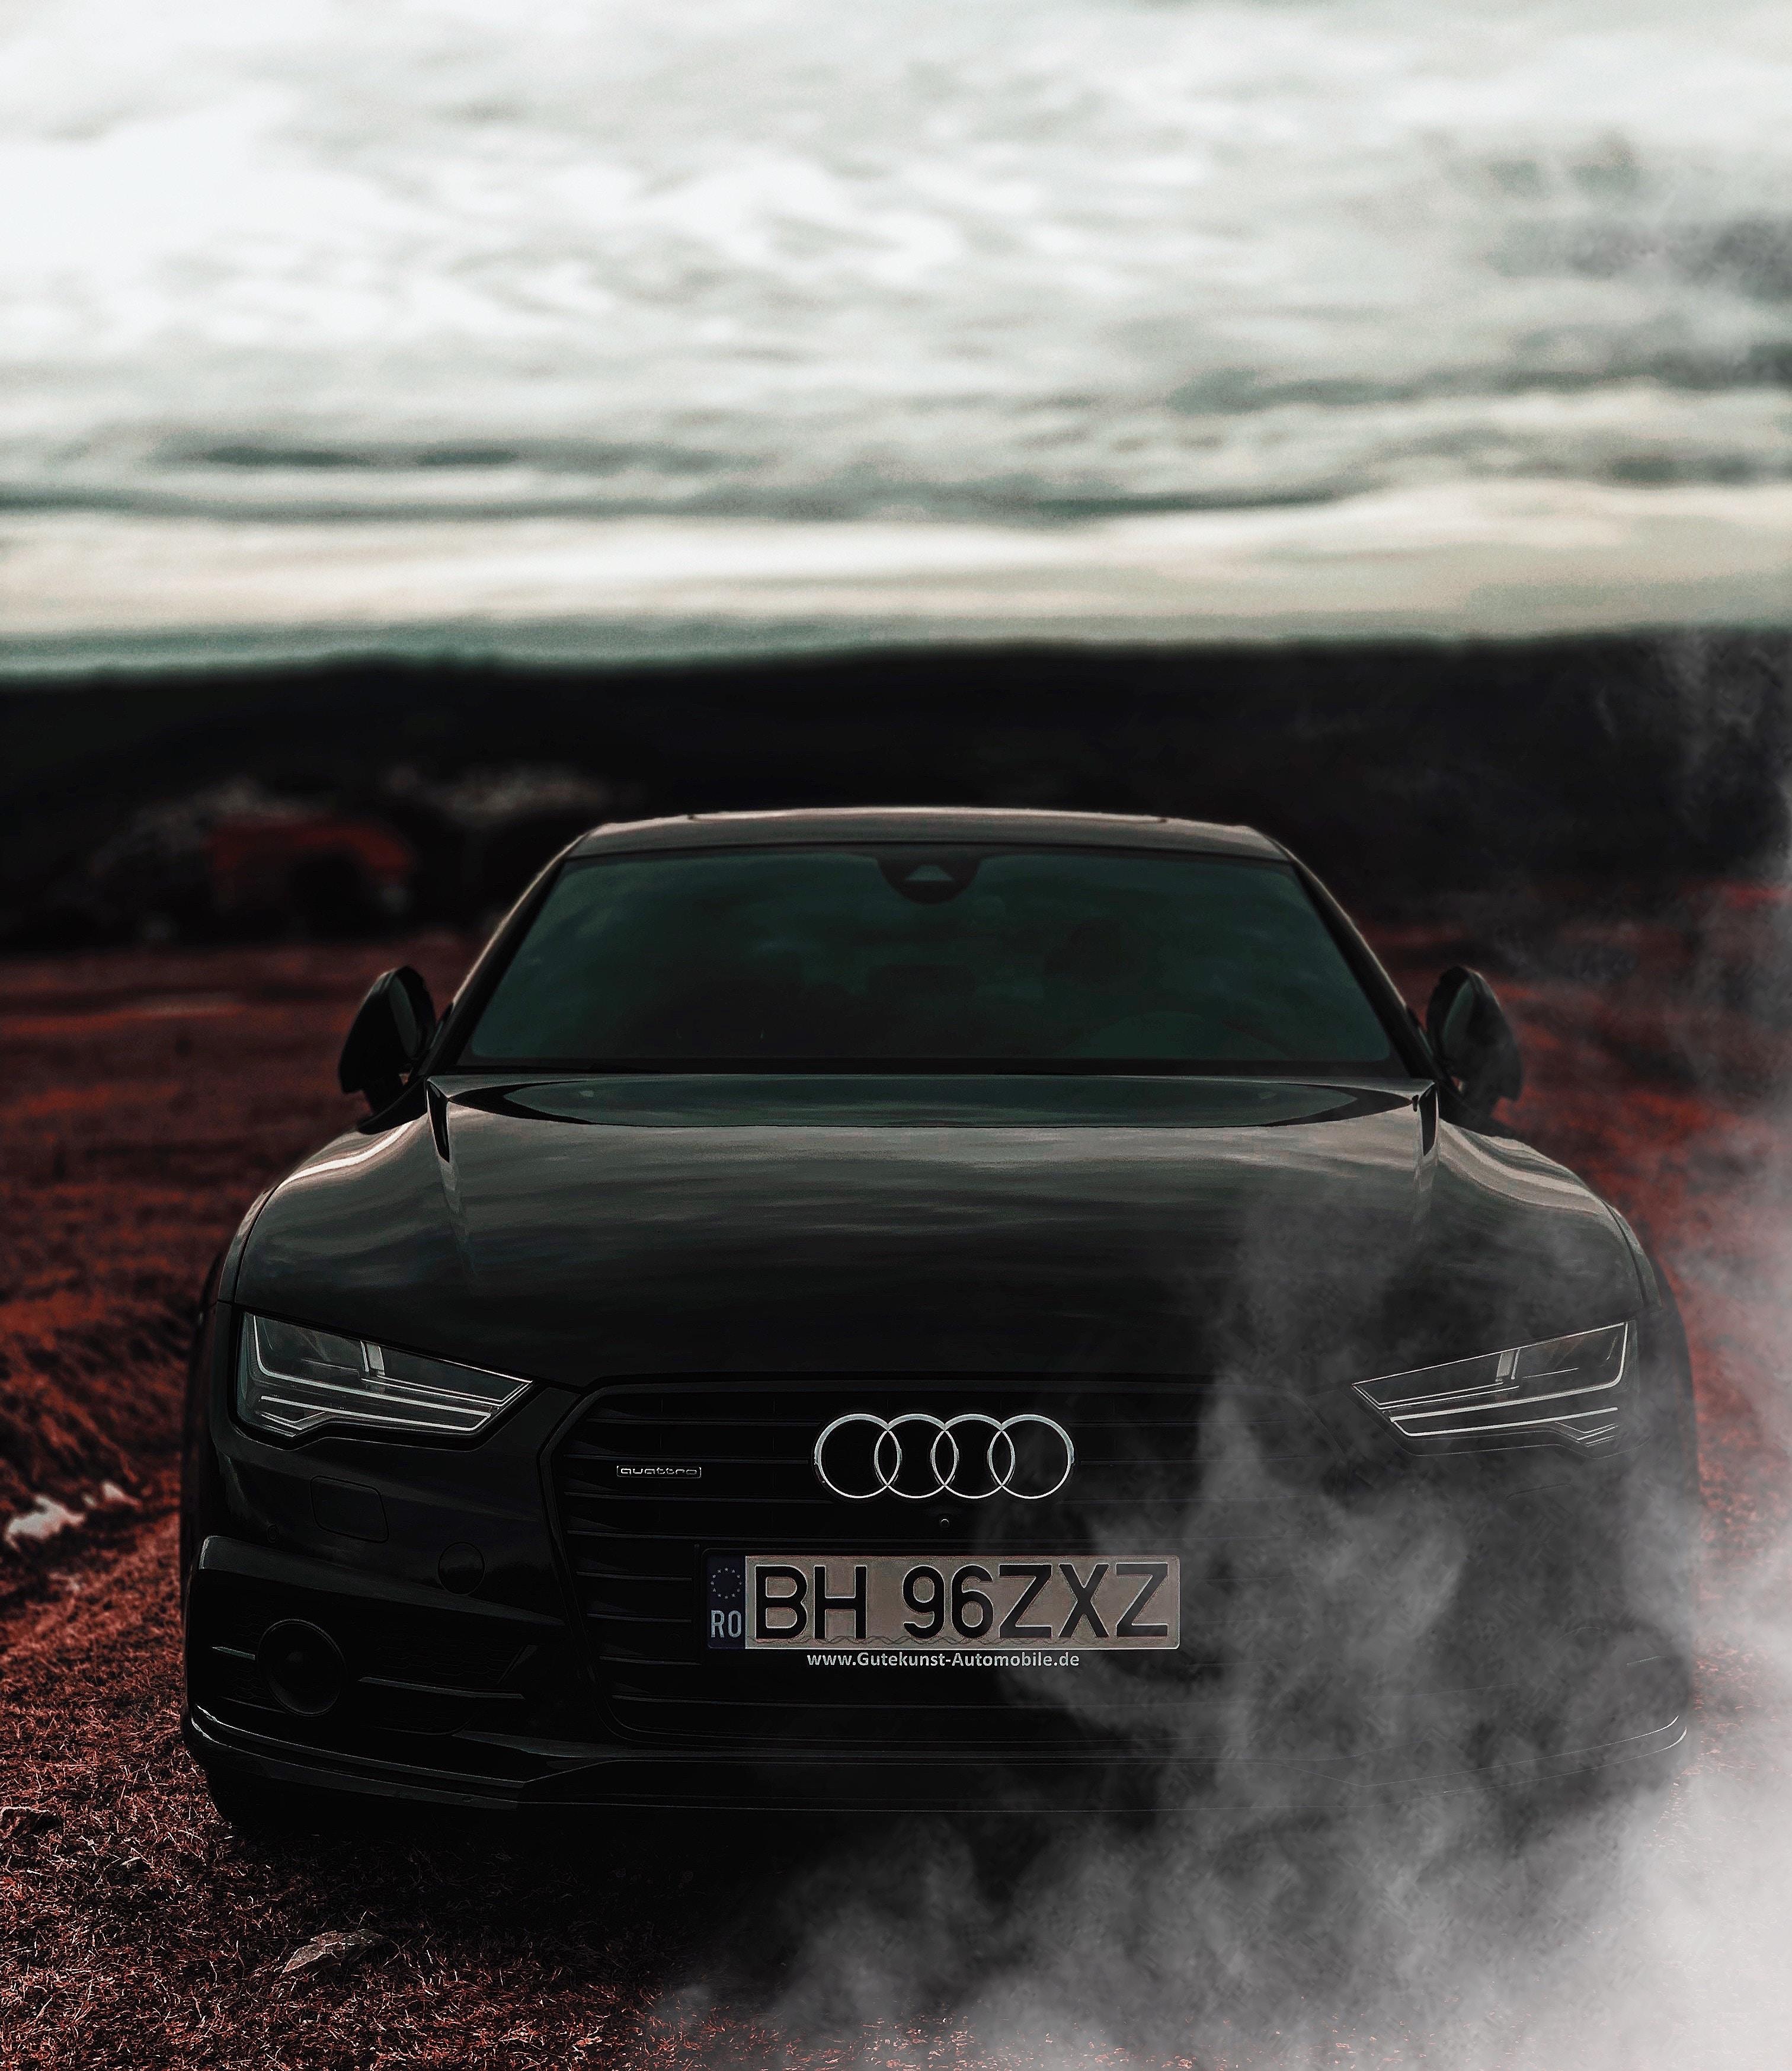 134940 завантажити шпалери Ауді, Тачки, Вогні, Вид Спереду, Фари, Audi A7 - заставки і картинки безкоштовно